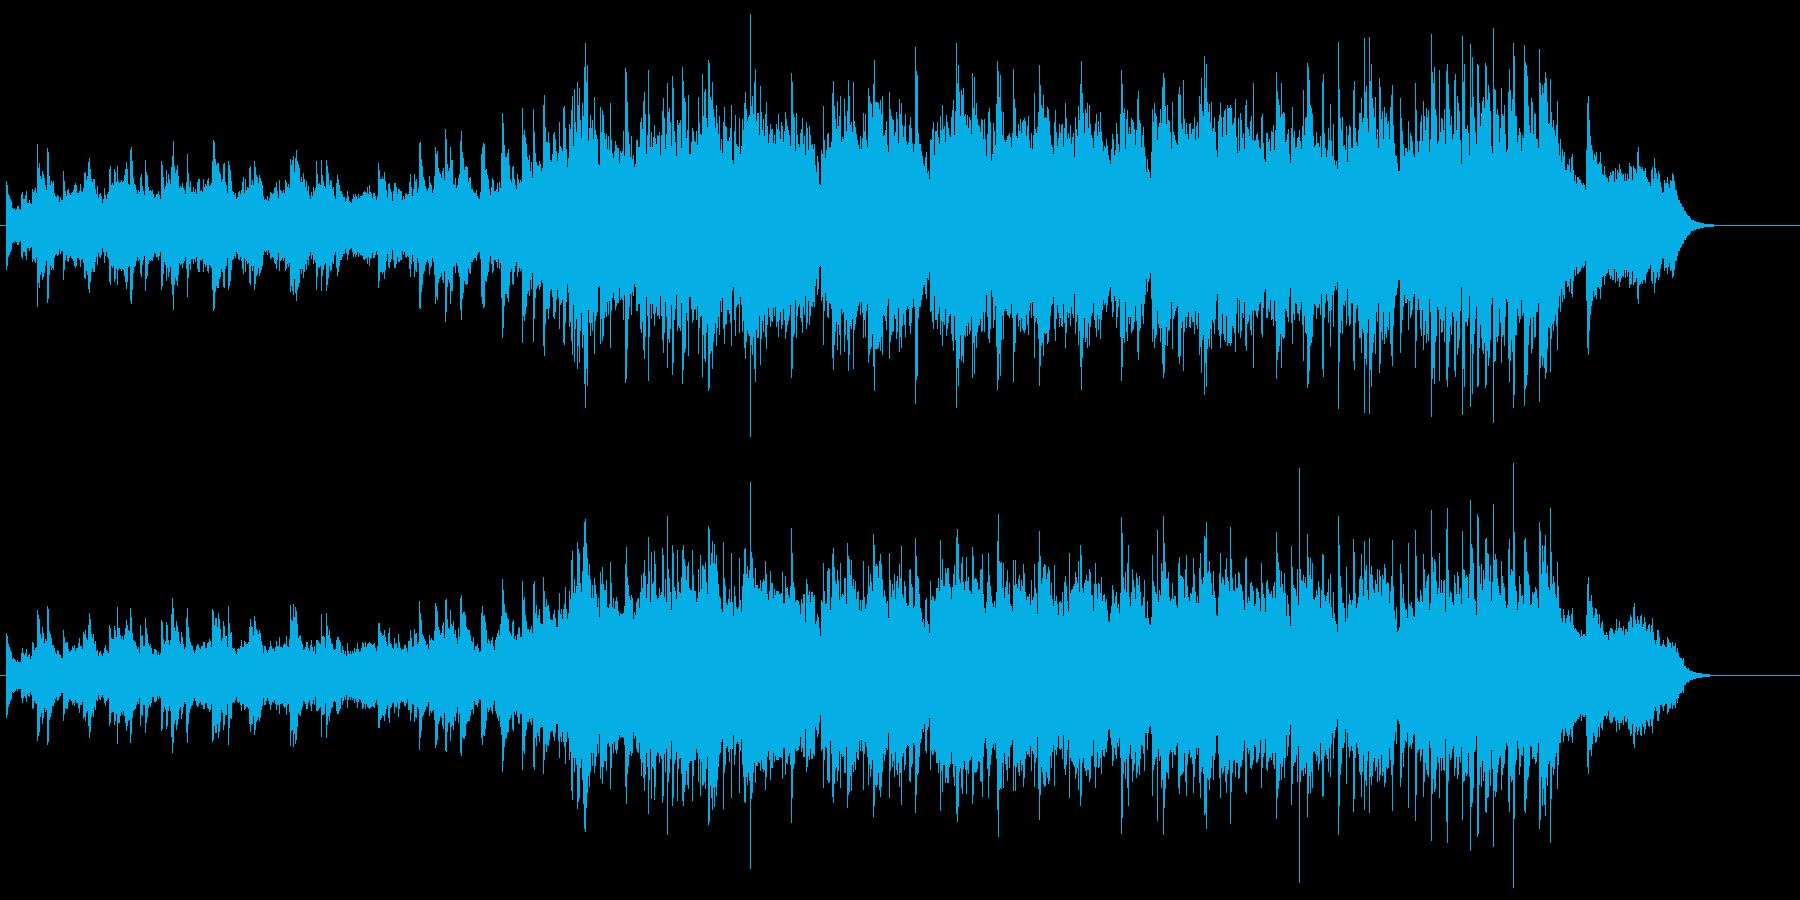 均整のとれたニューエイジ風バラードの再生済みの波形